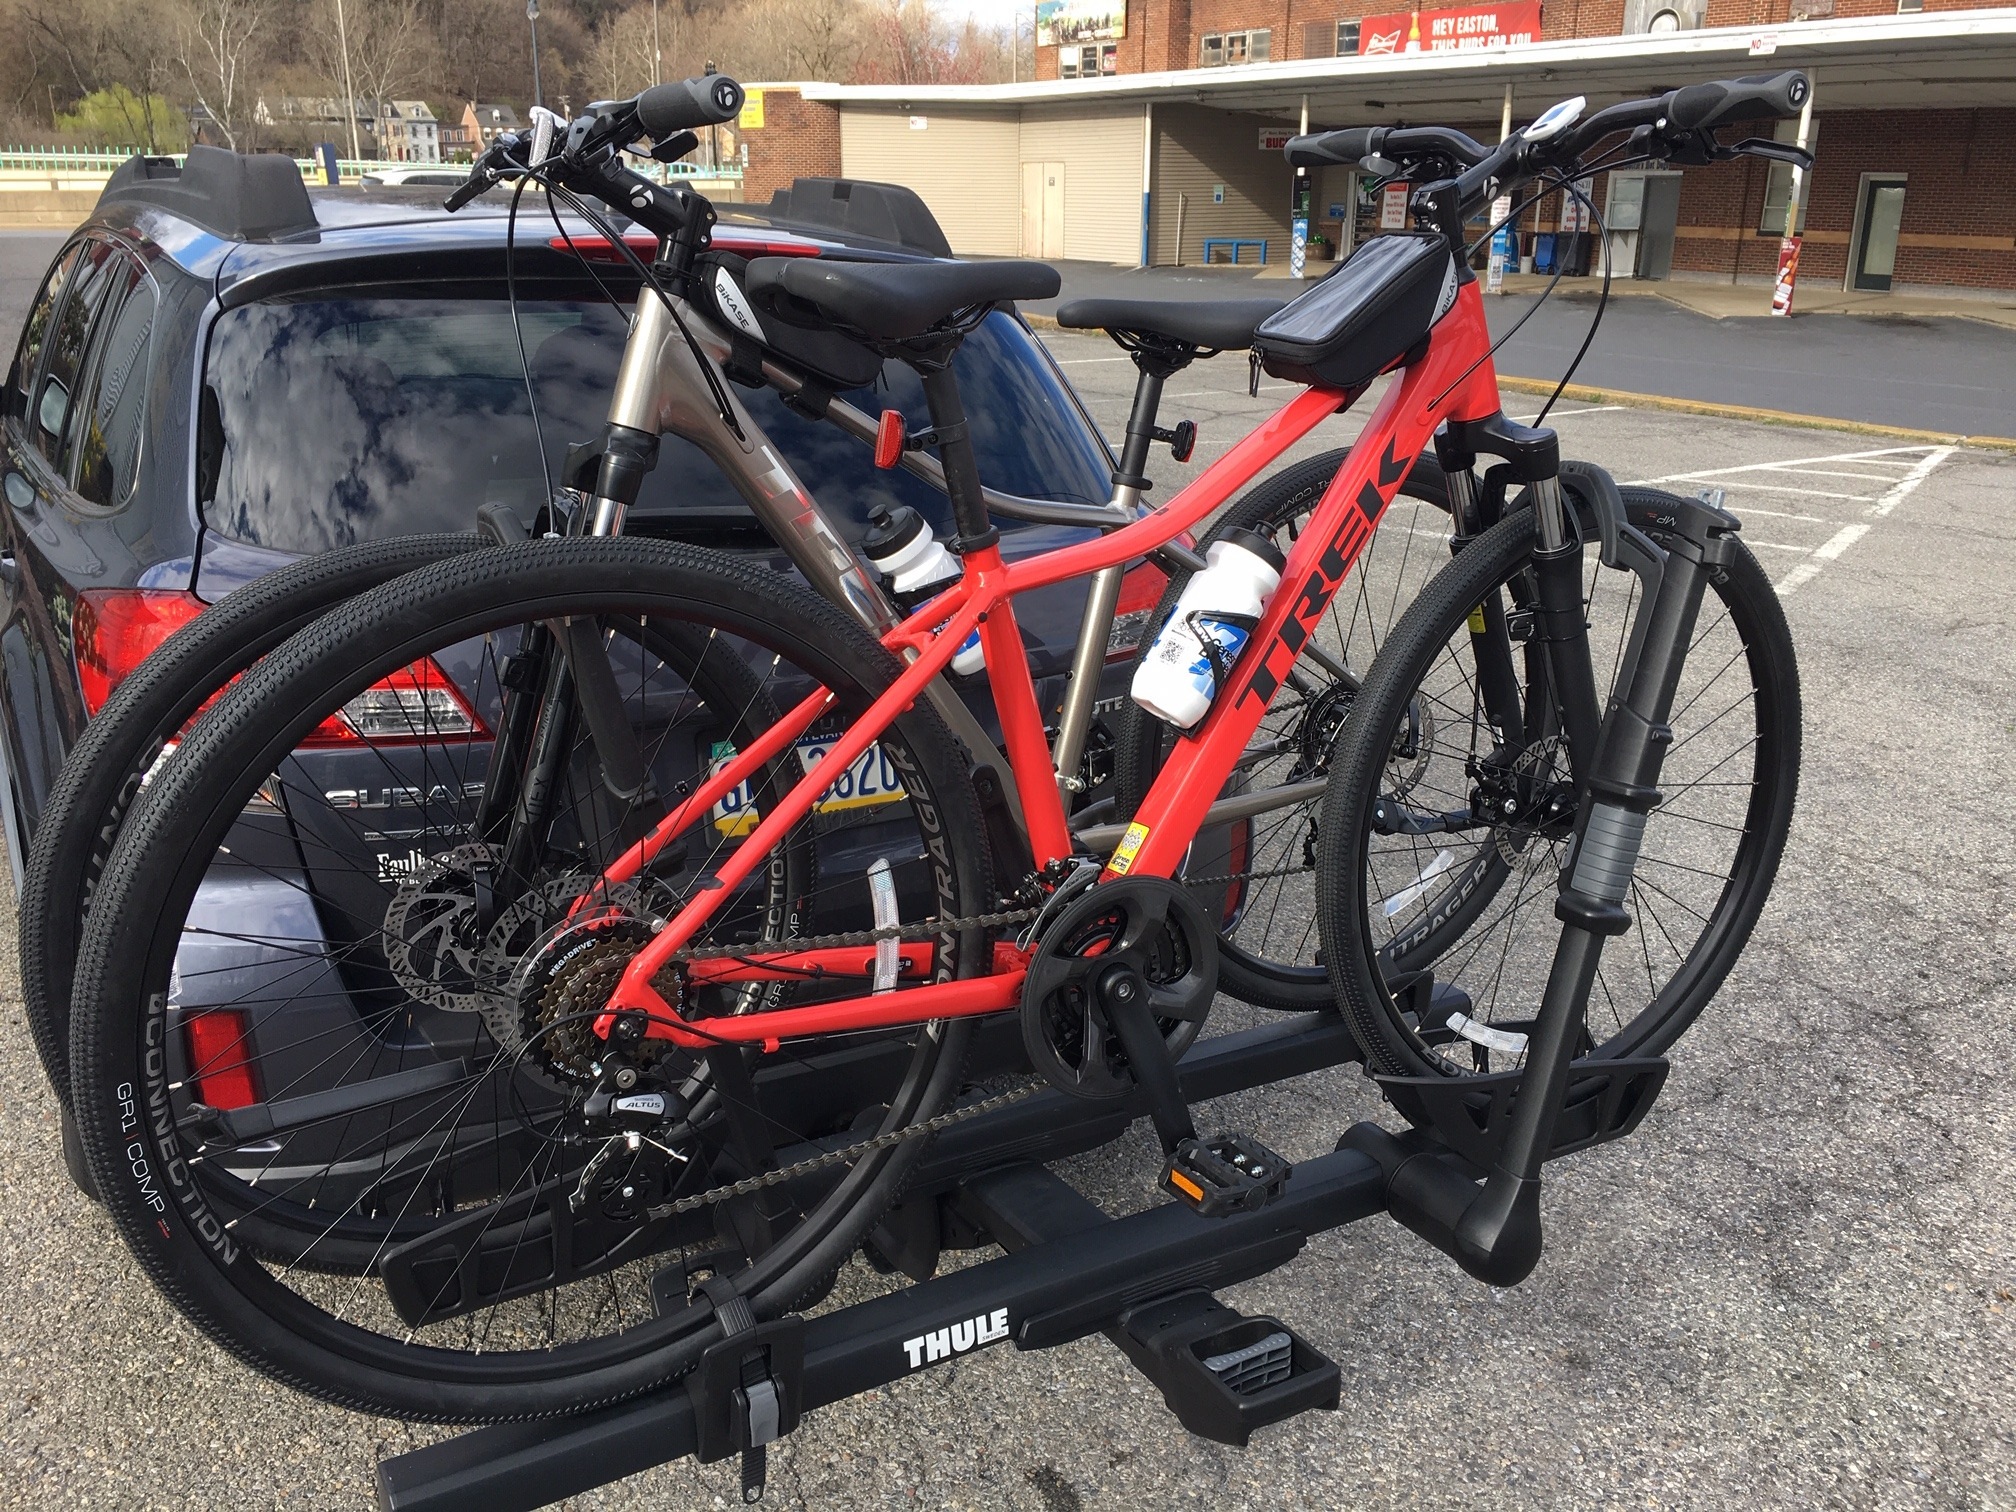 car with bikes on Thule bike rack